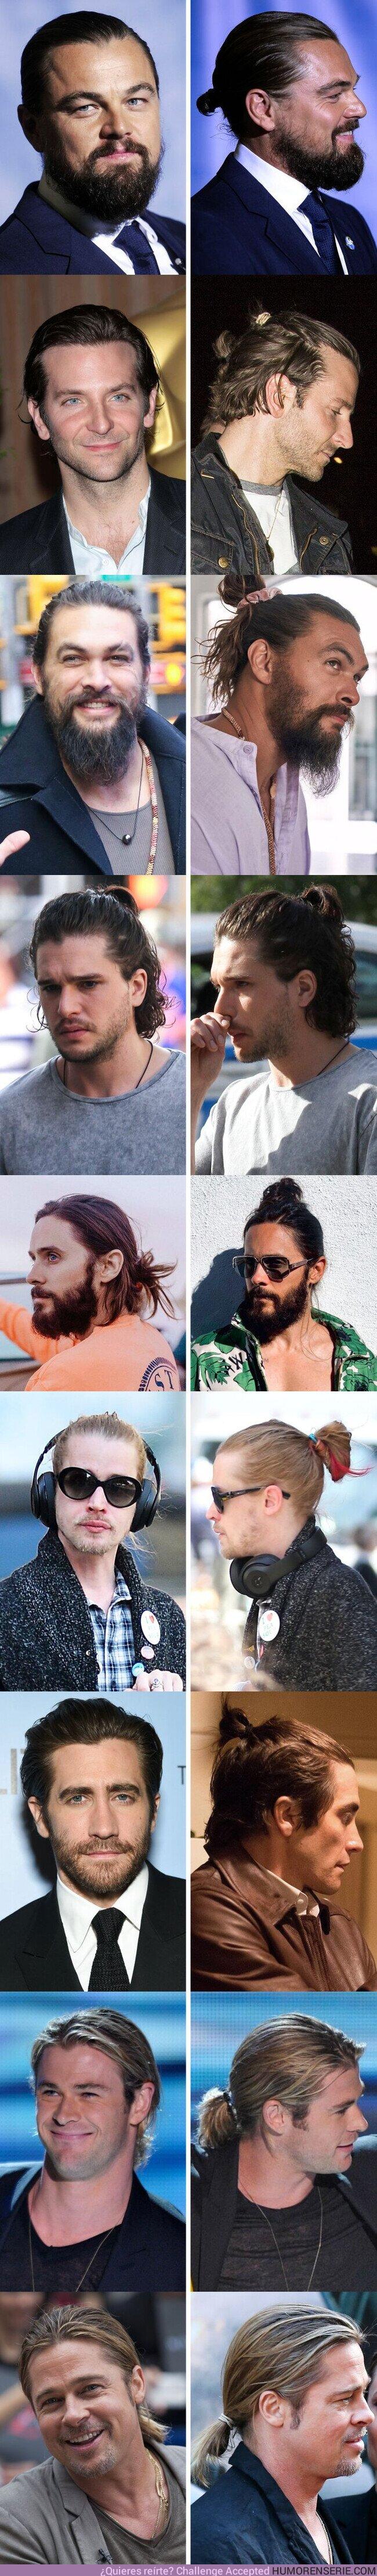 62855 - GALERÍA: 15 Famosos que llevan el cabello largo y enrollado en un moño, y nos parece que lucen muy apuestos